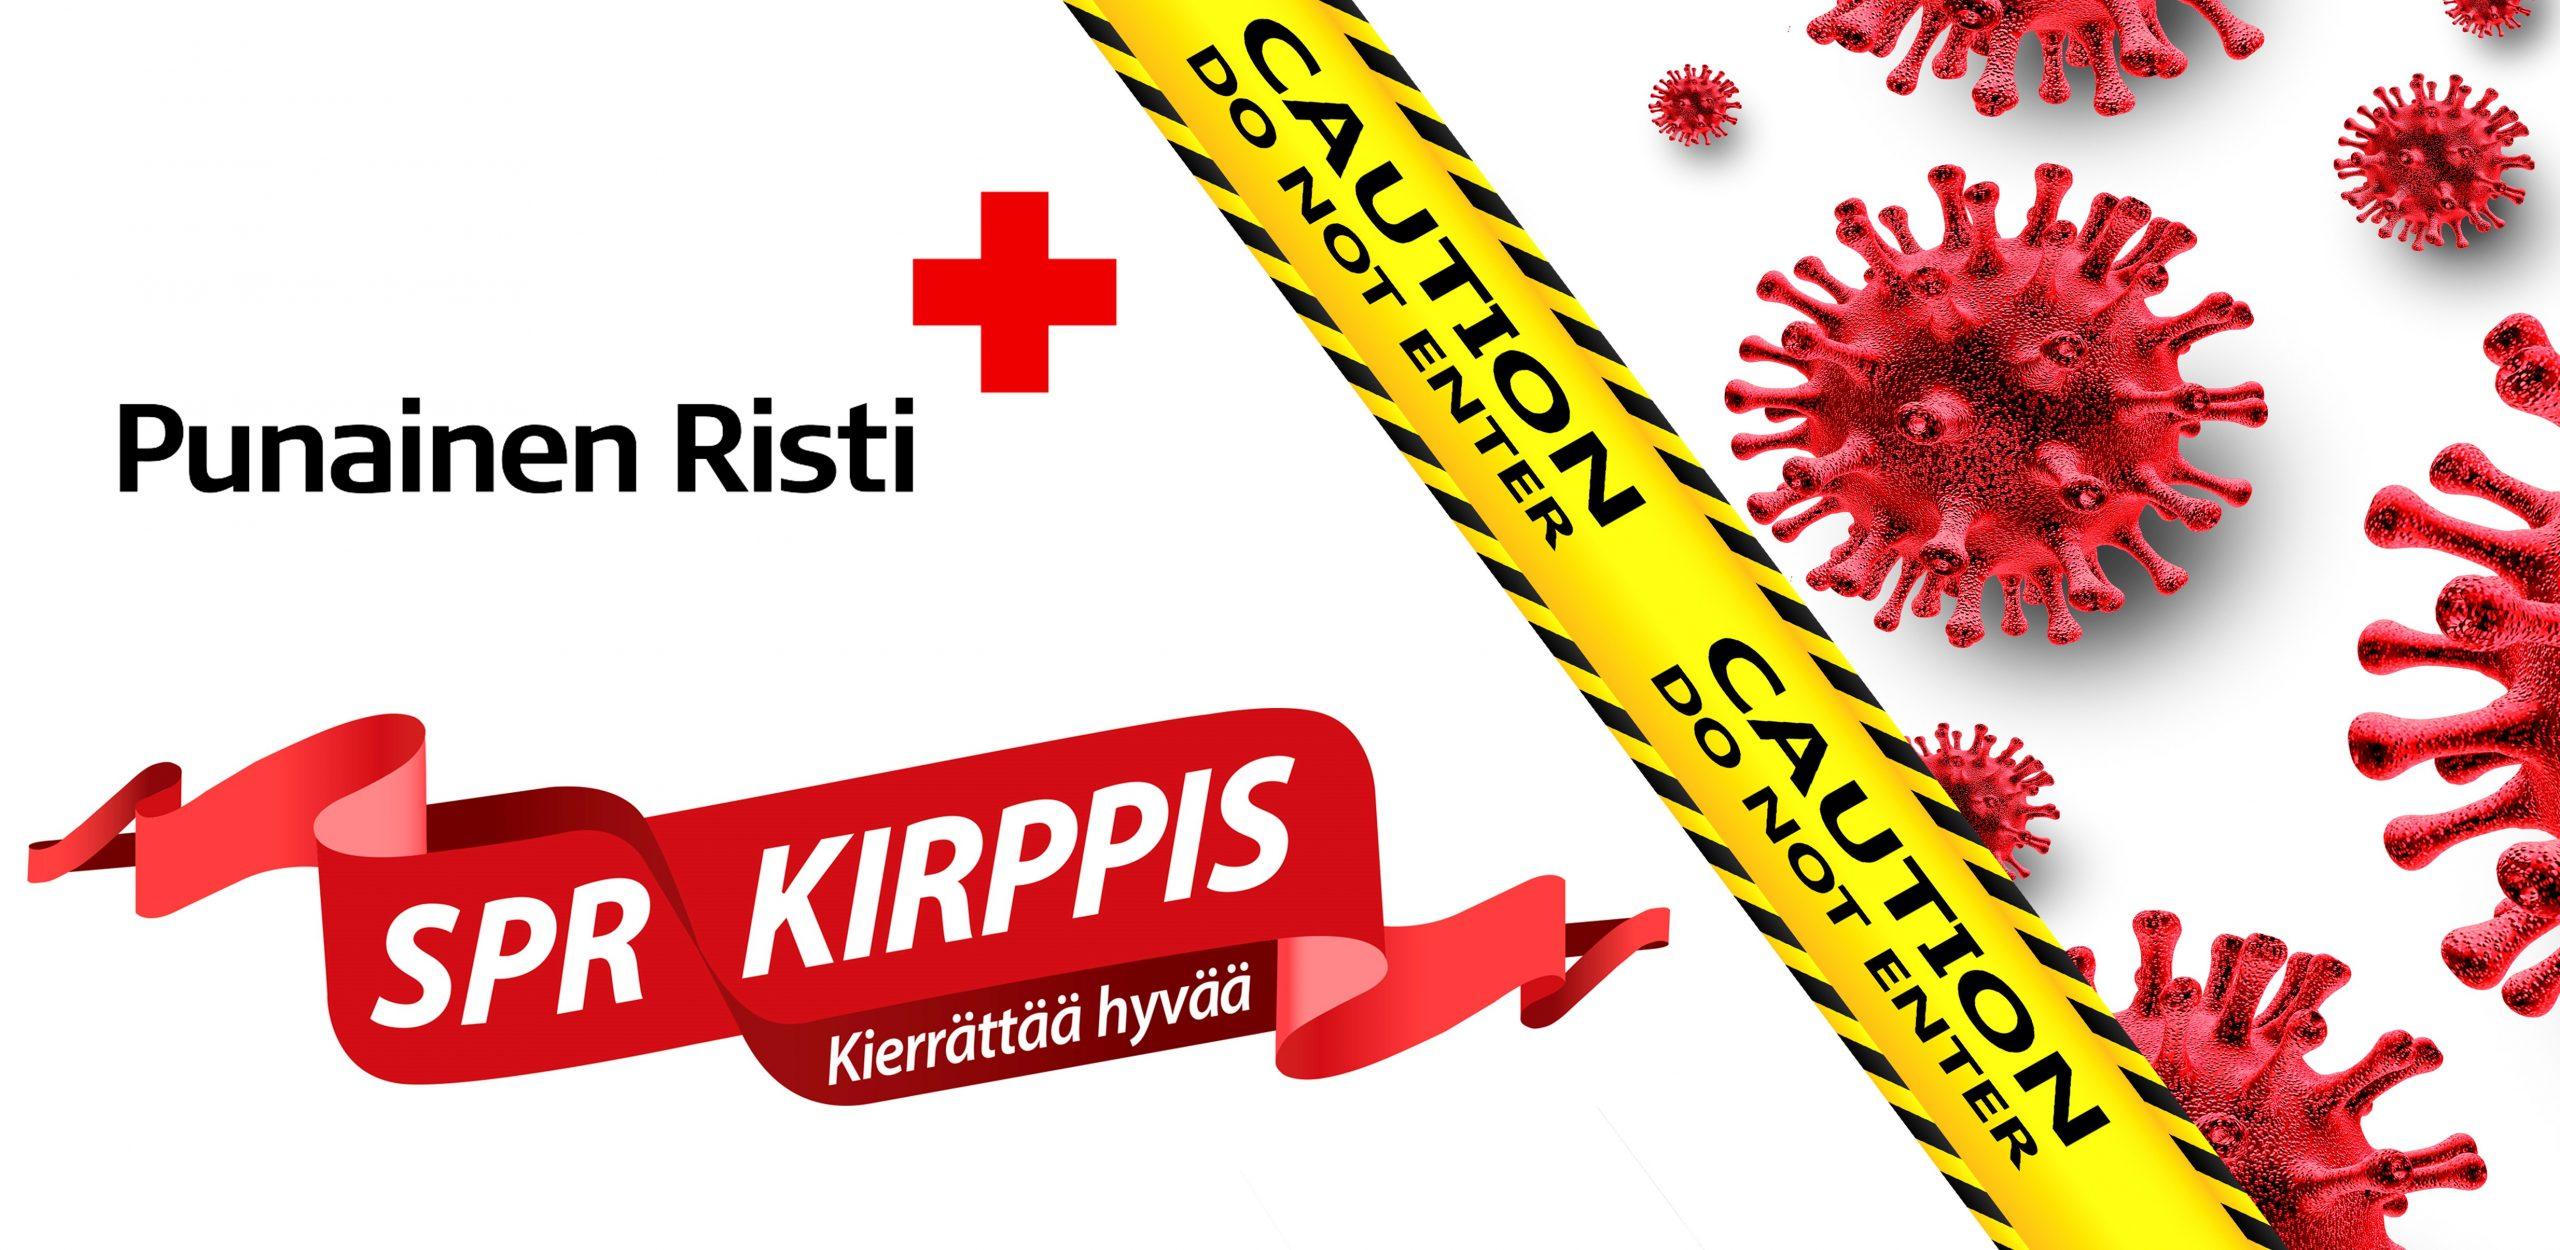 Spr Seppälä